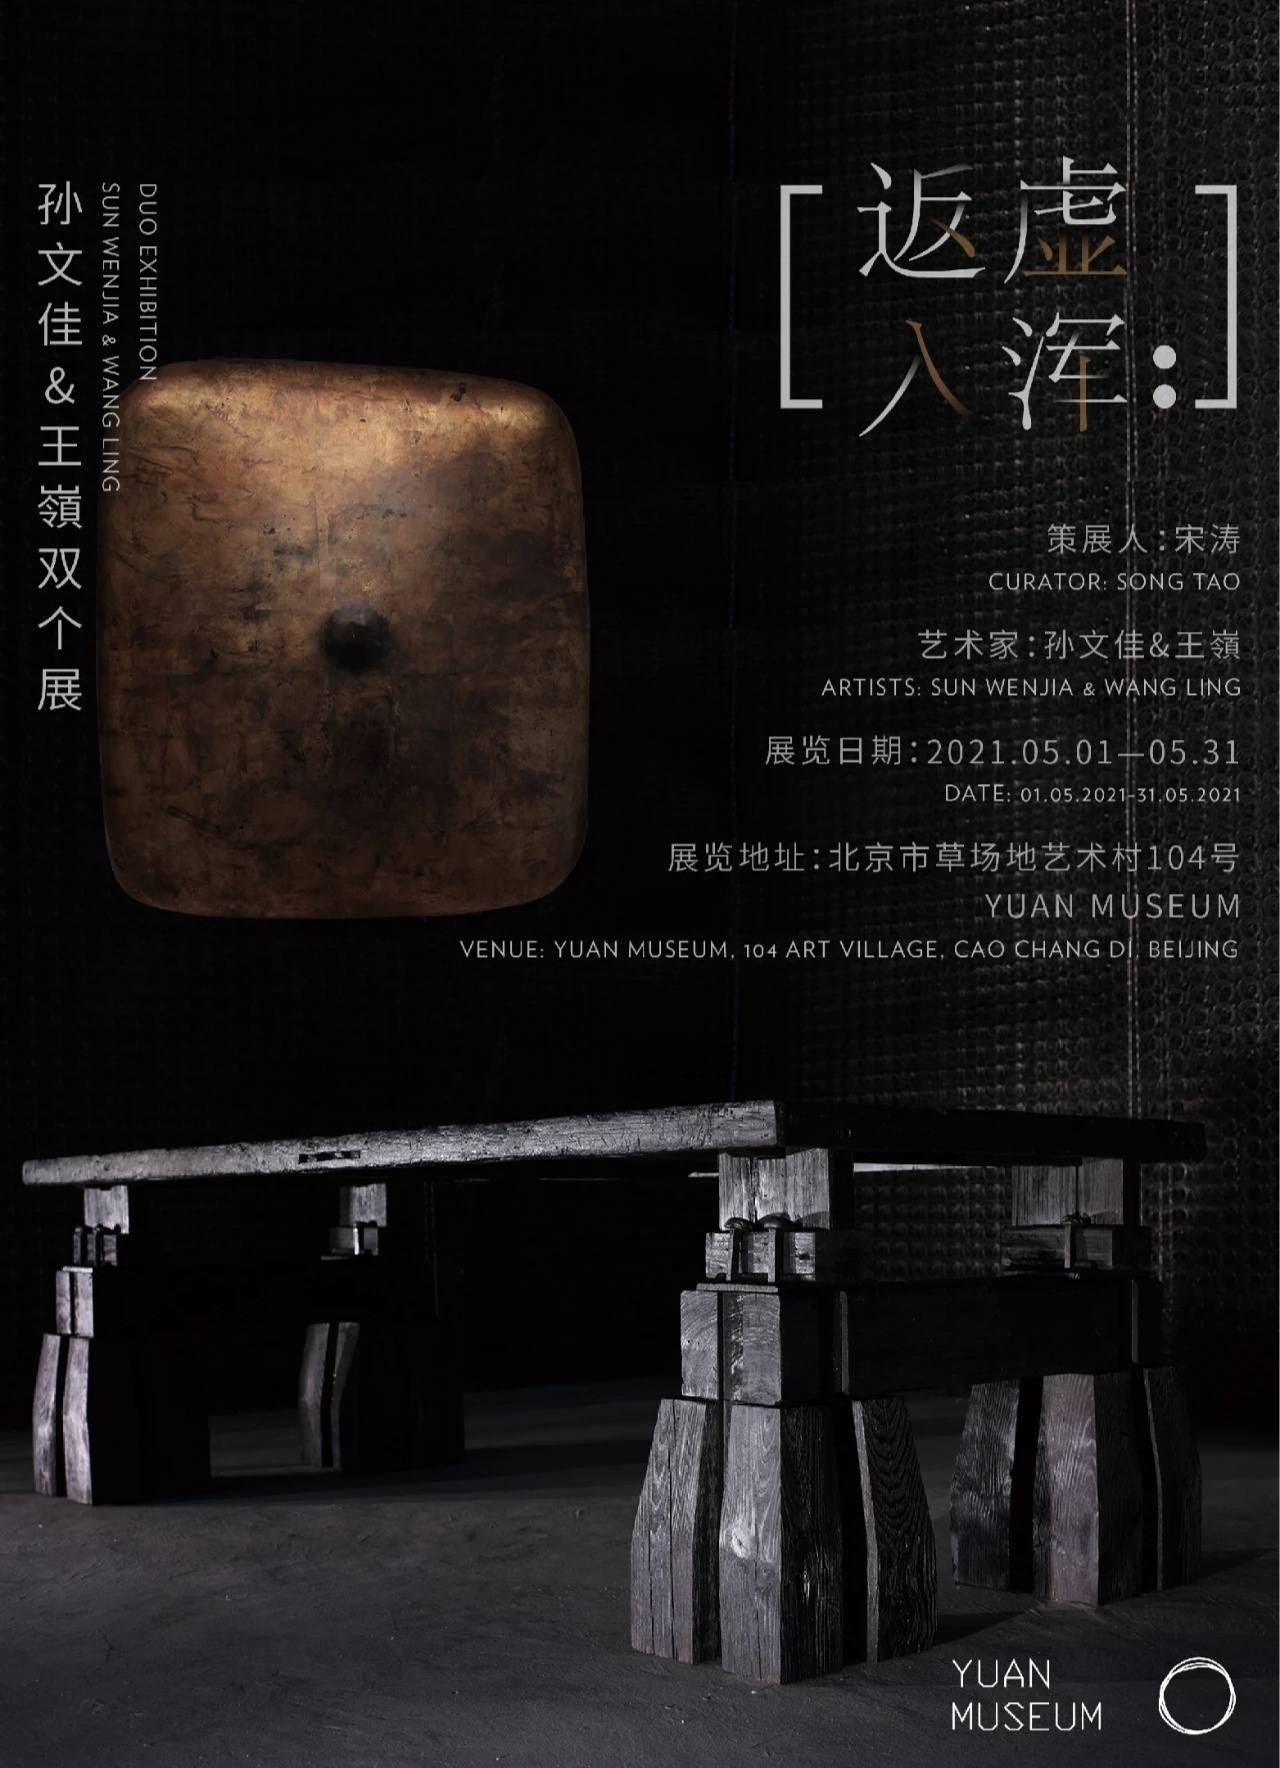 详情请关注Yuan Museum微信公众号